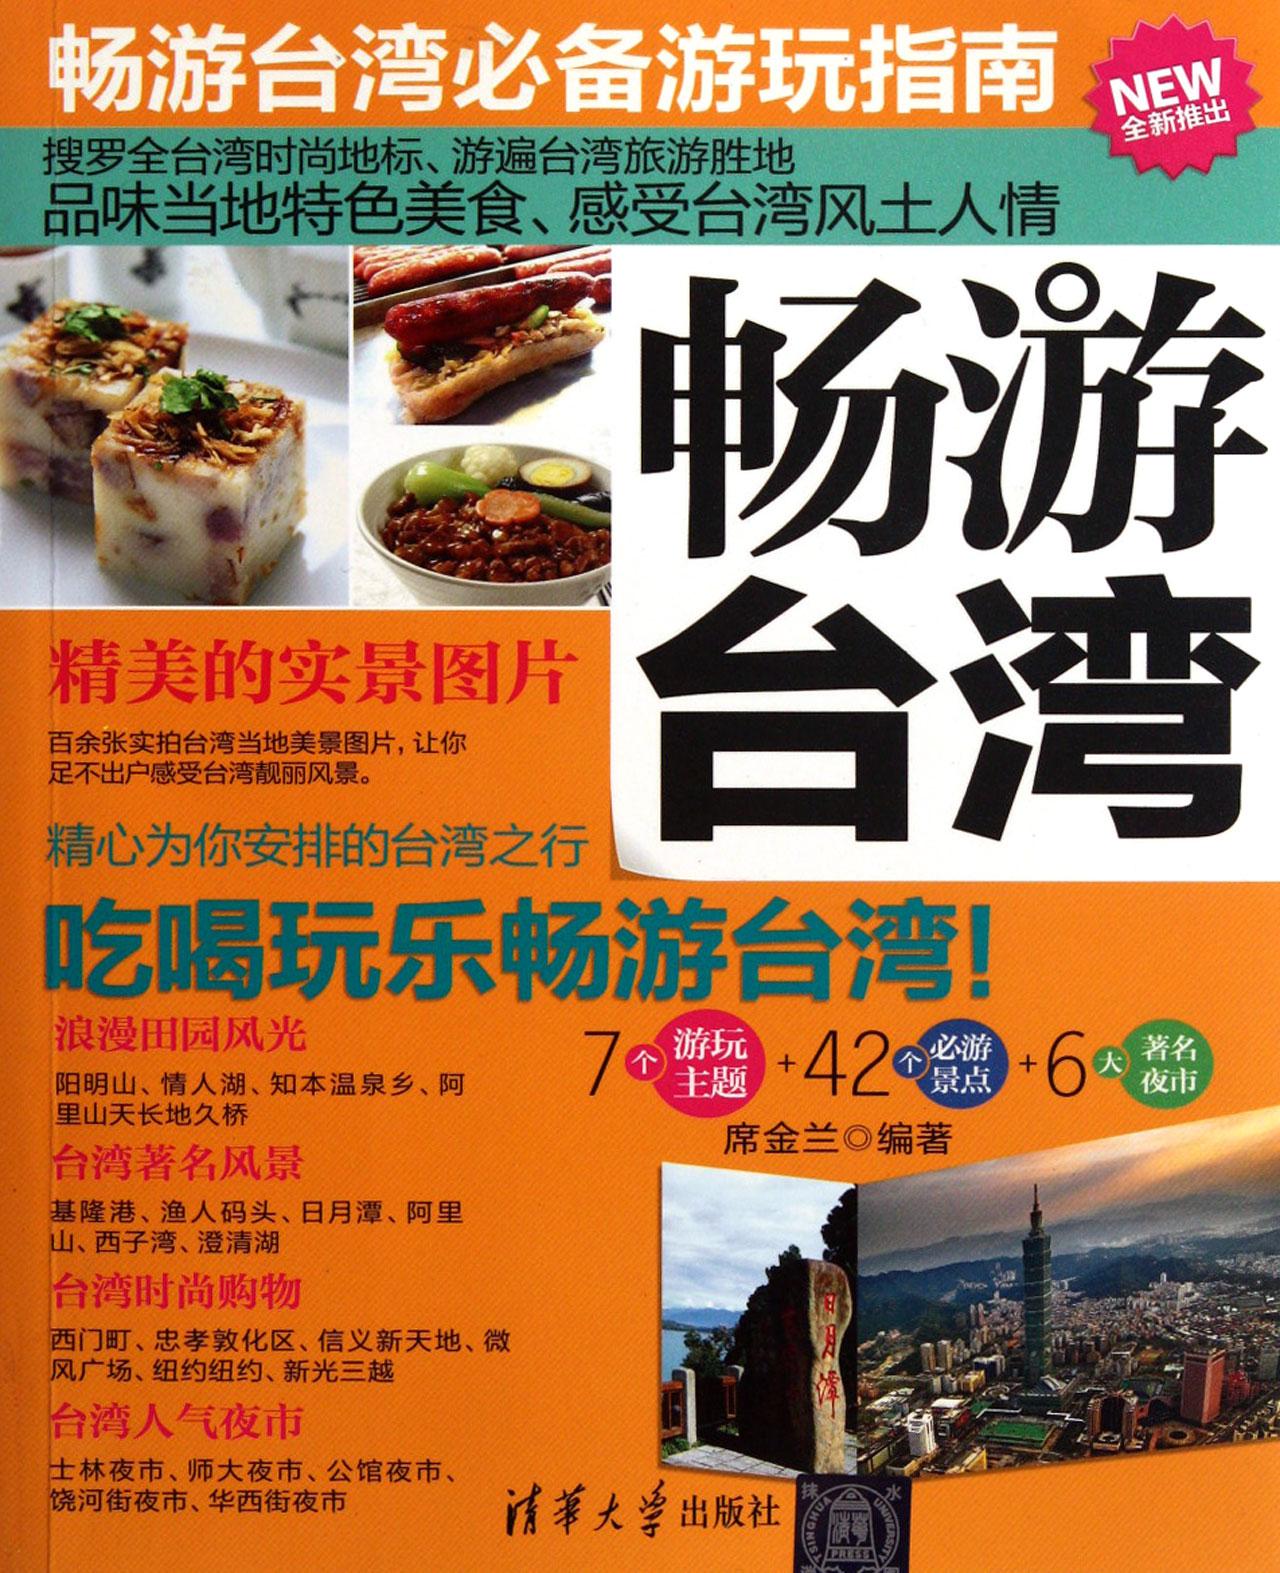 你知道台湾人口有多少 特产是什么 总面积是多少 著名景点 还有,清晰